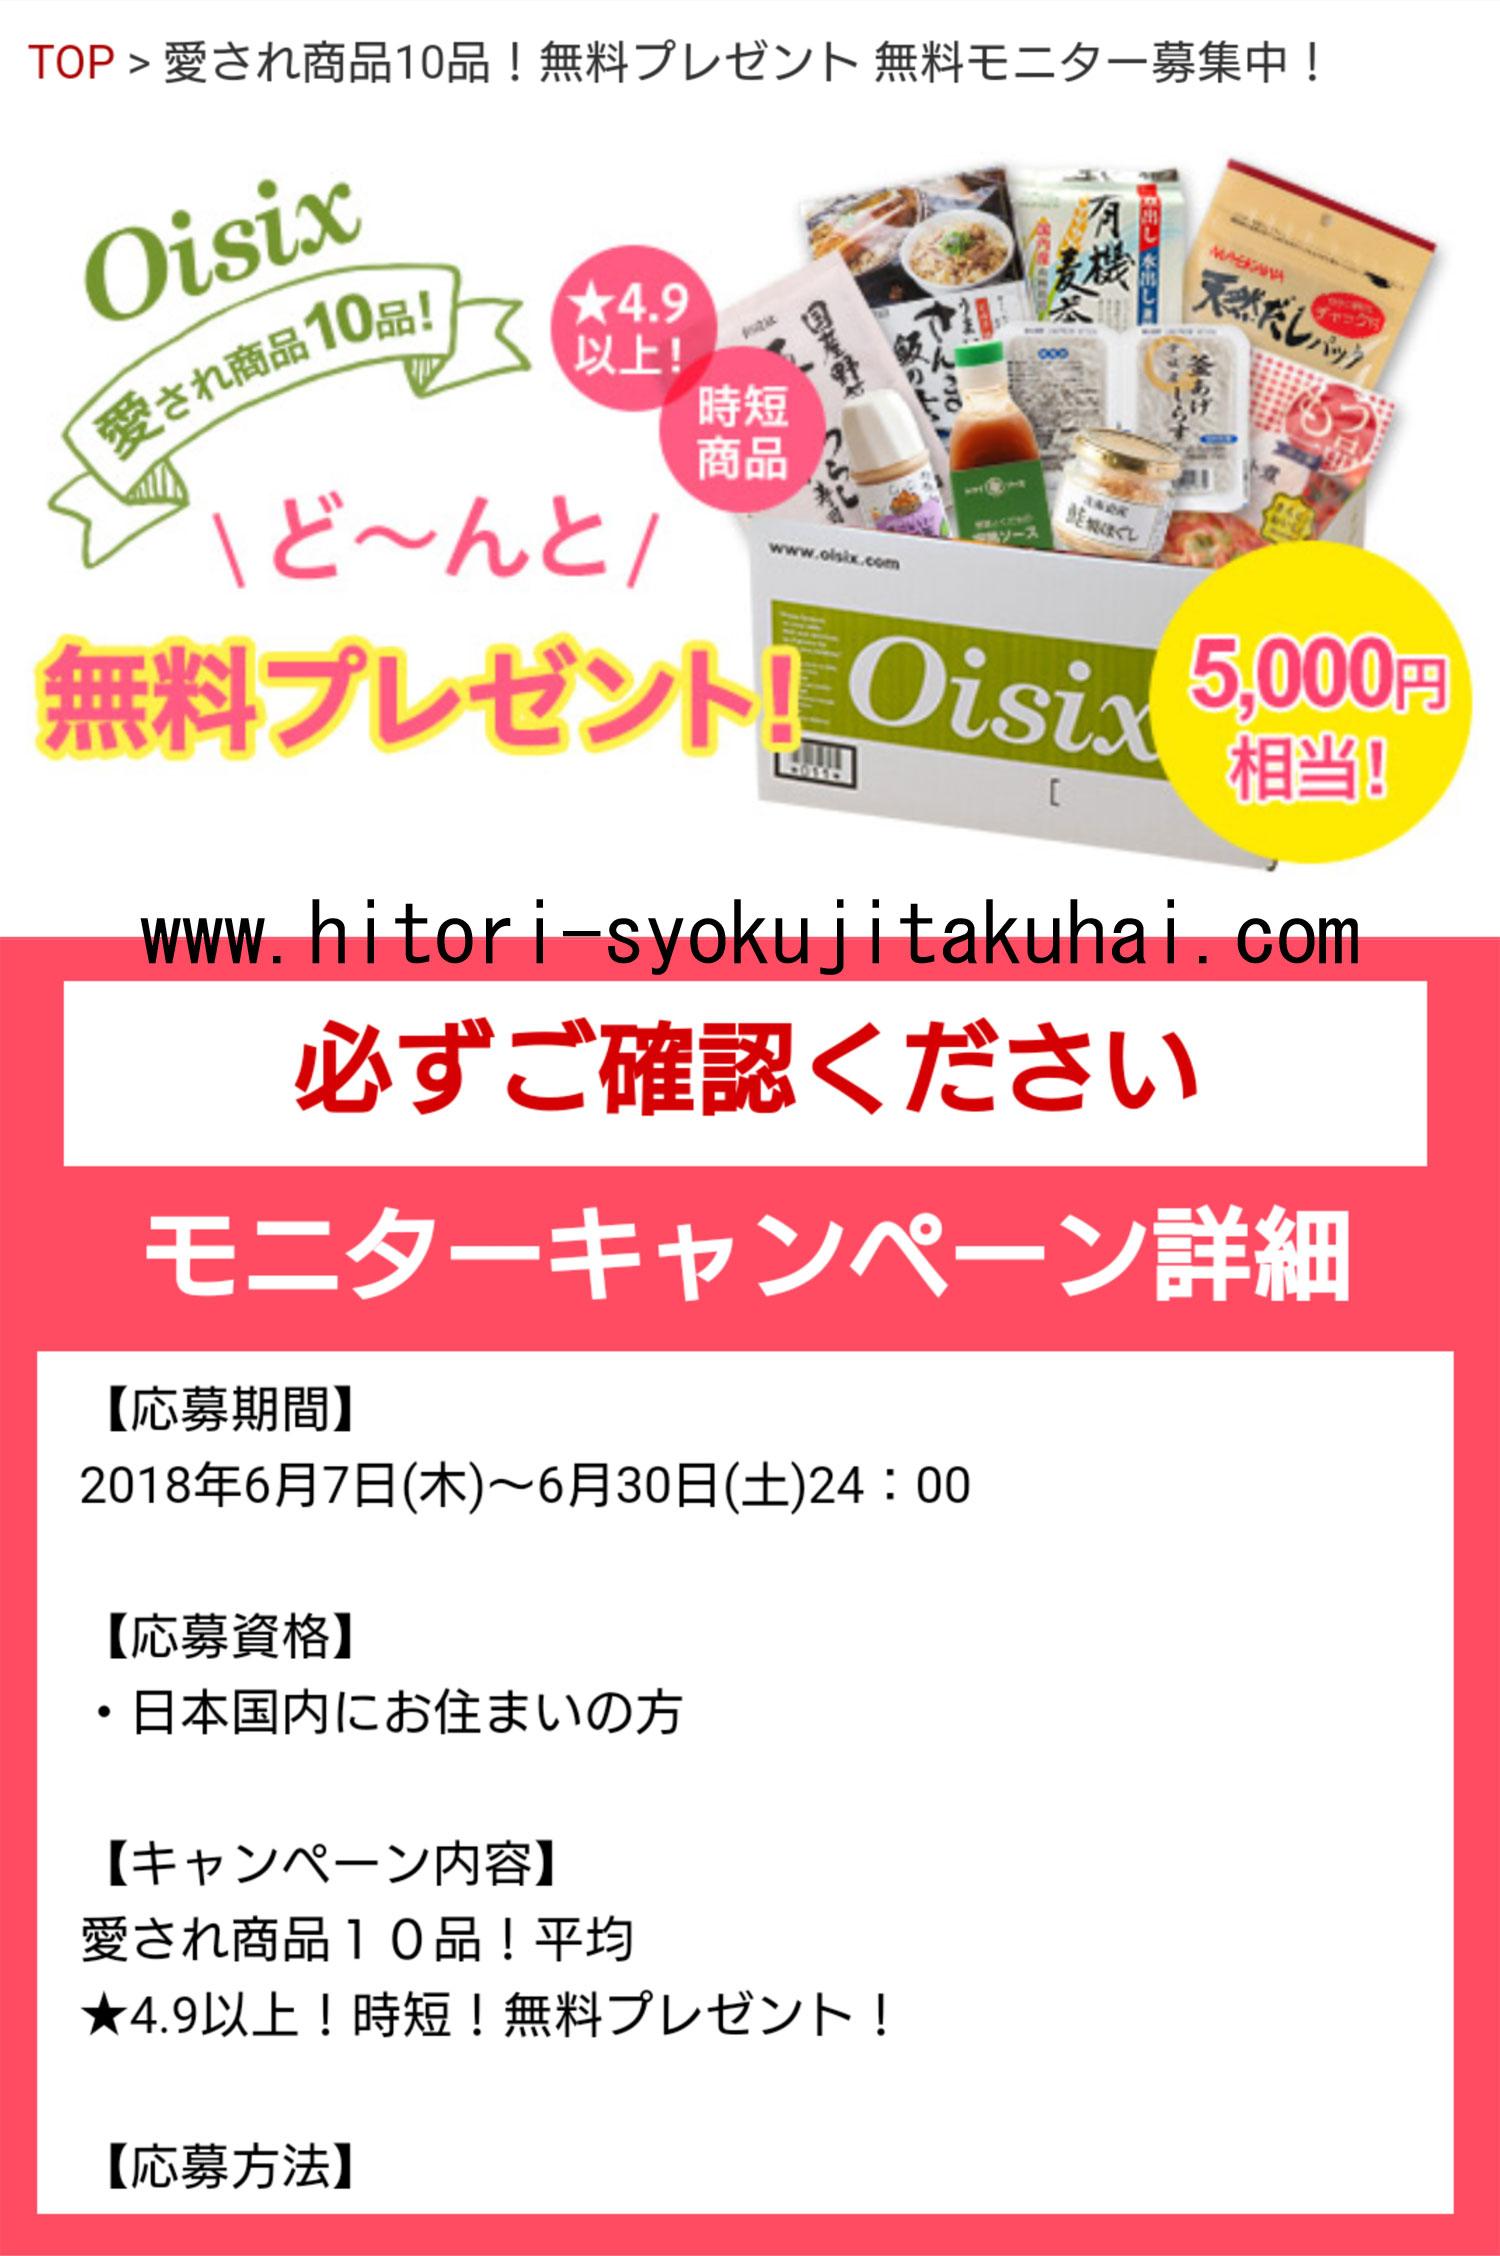 オイシックス・モニターキャンペーン